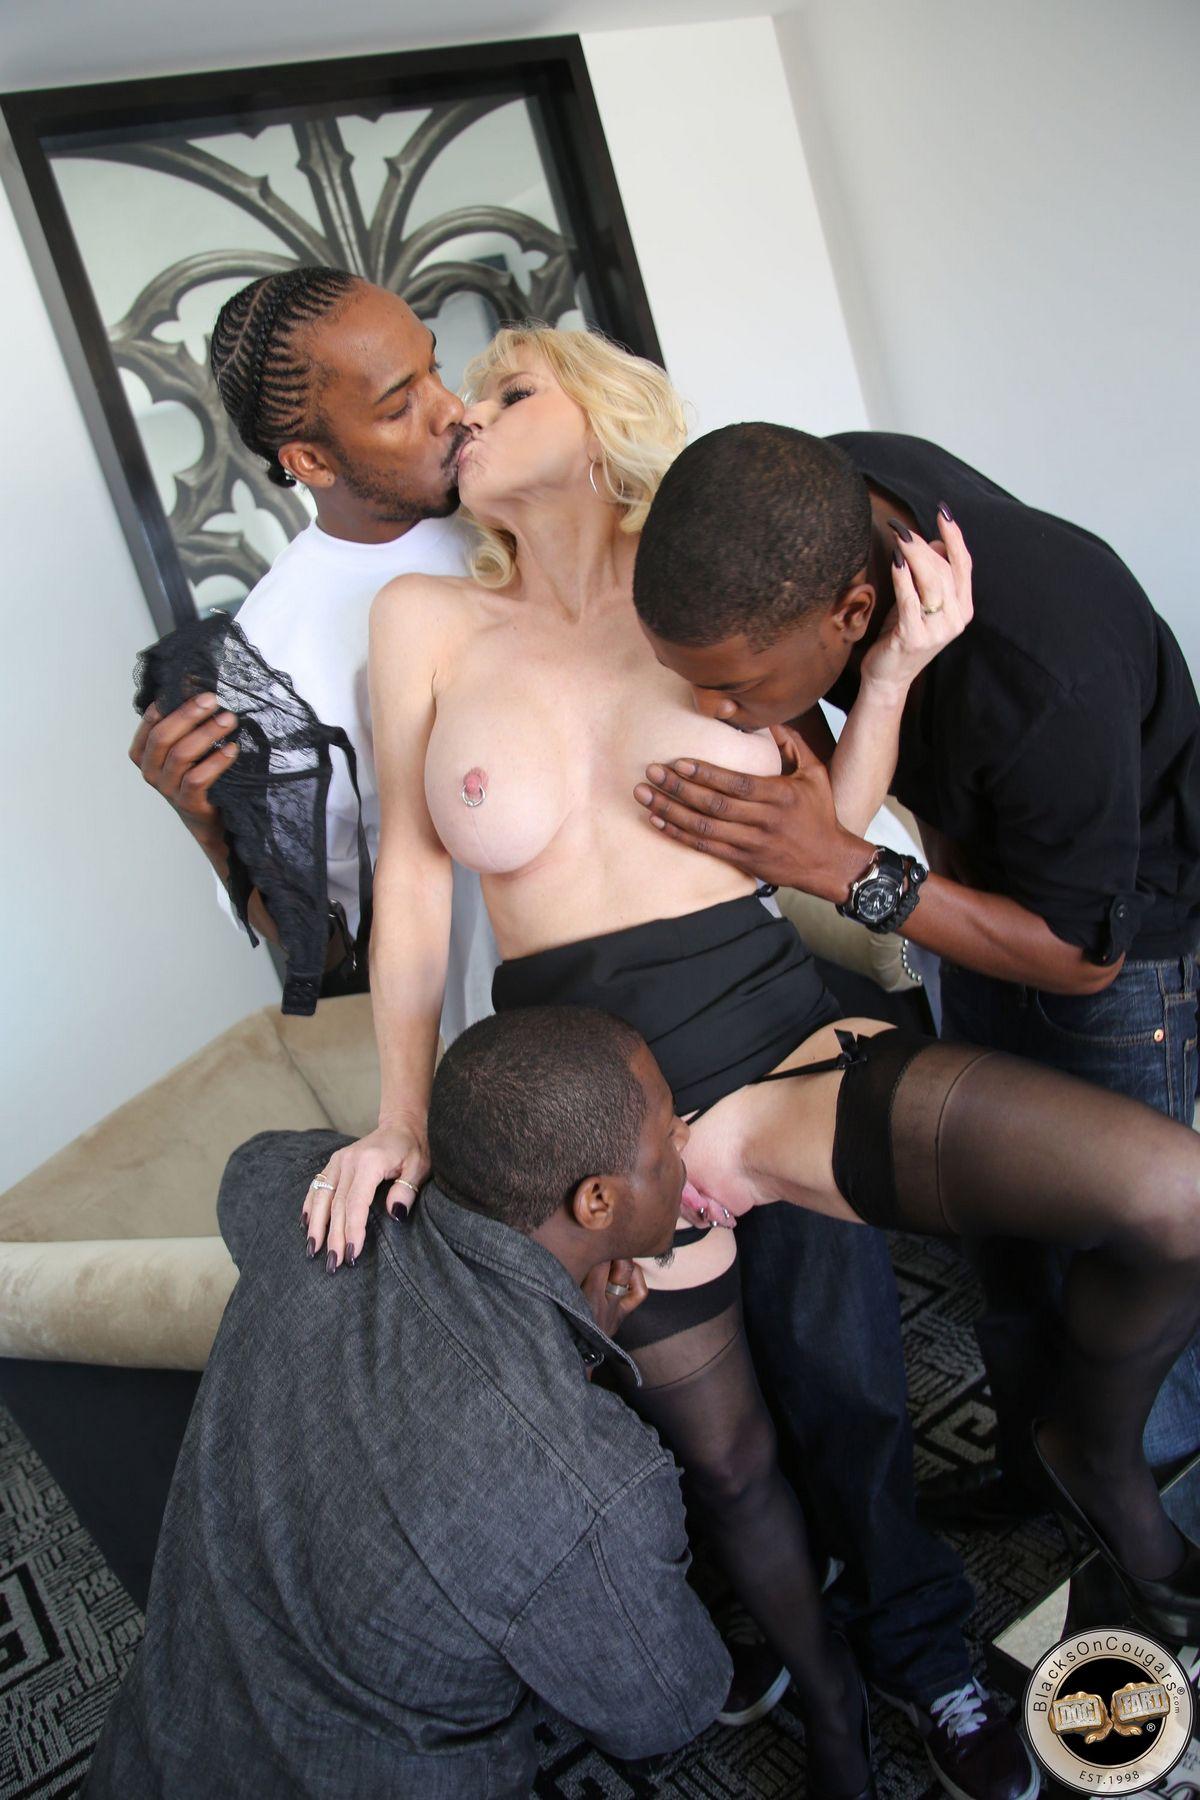 Три африканца трахают взрослую блондиночку в ее лежанки. Порно африканец.